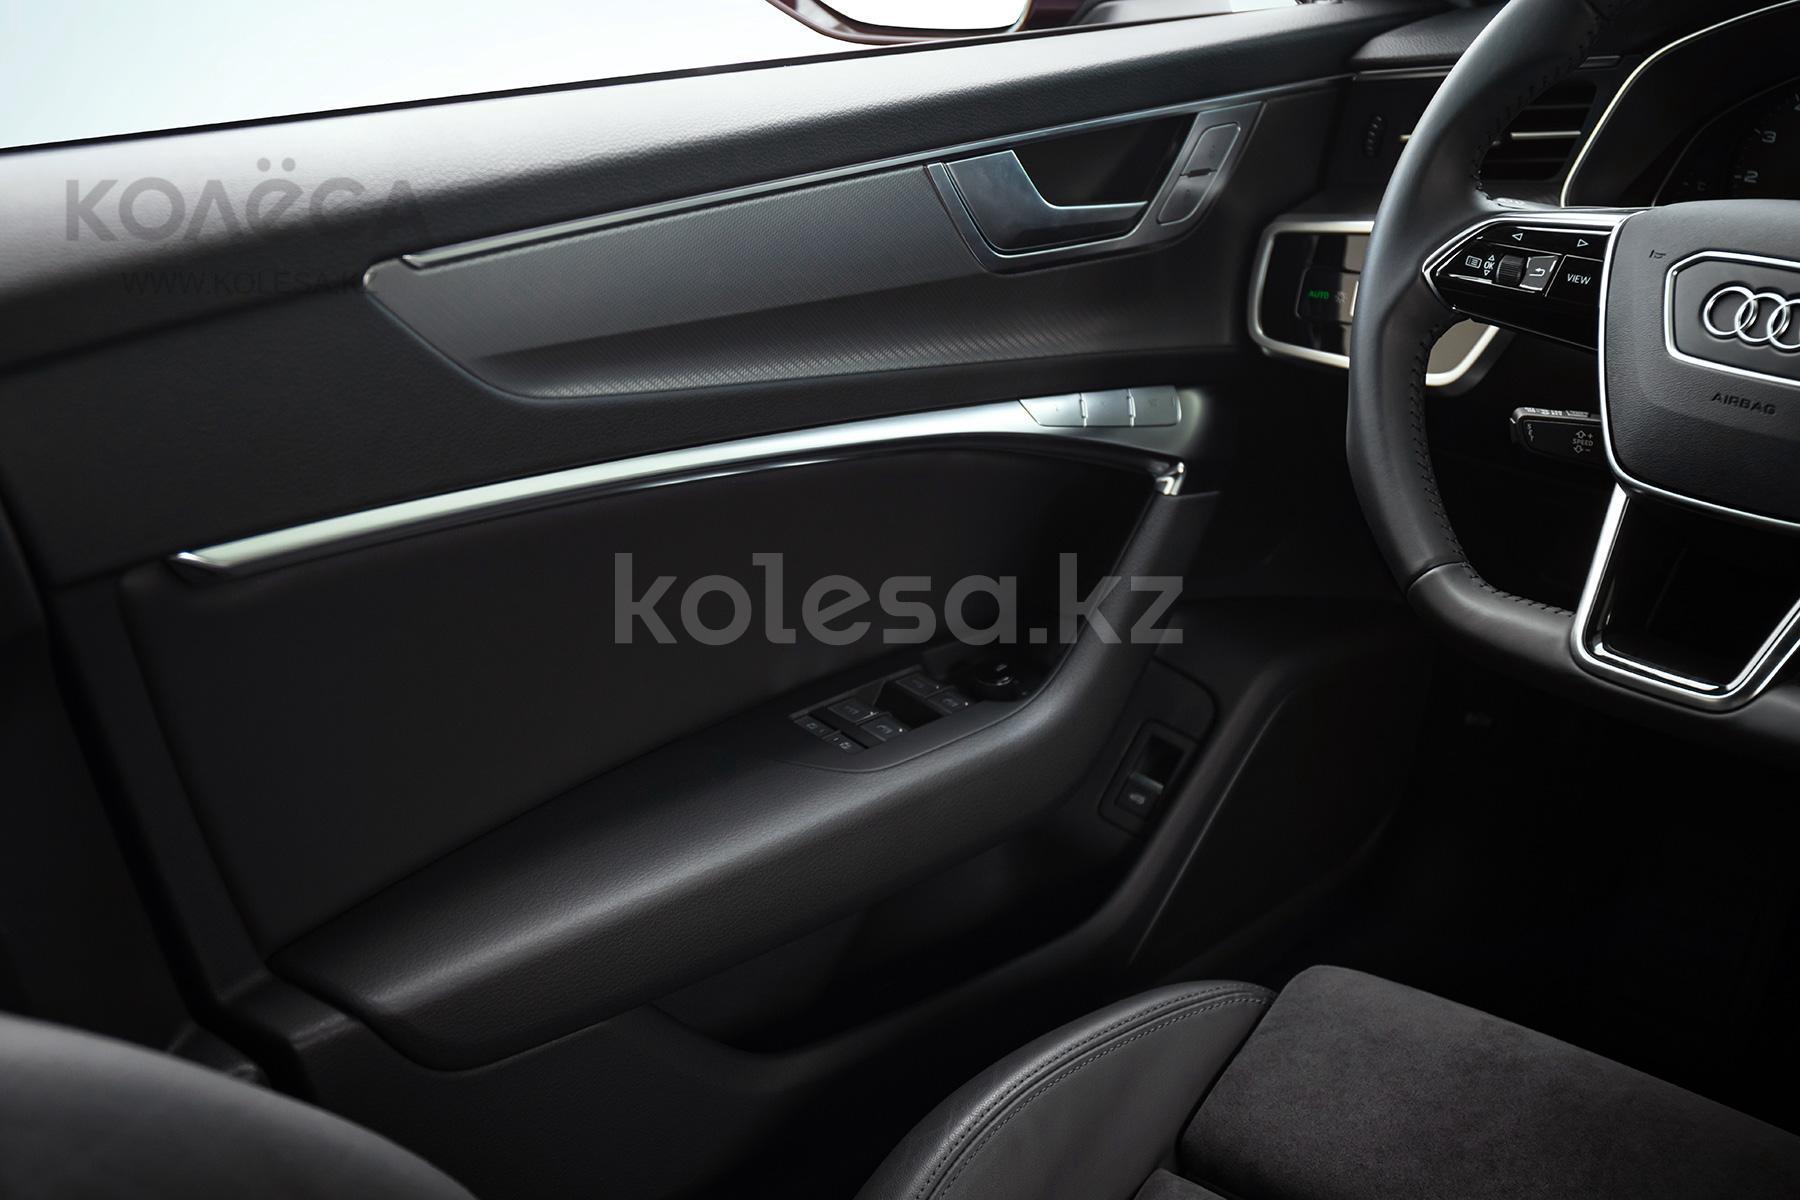 Audi A6 Е класса 2021 года от 24 786 000 тенге